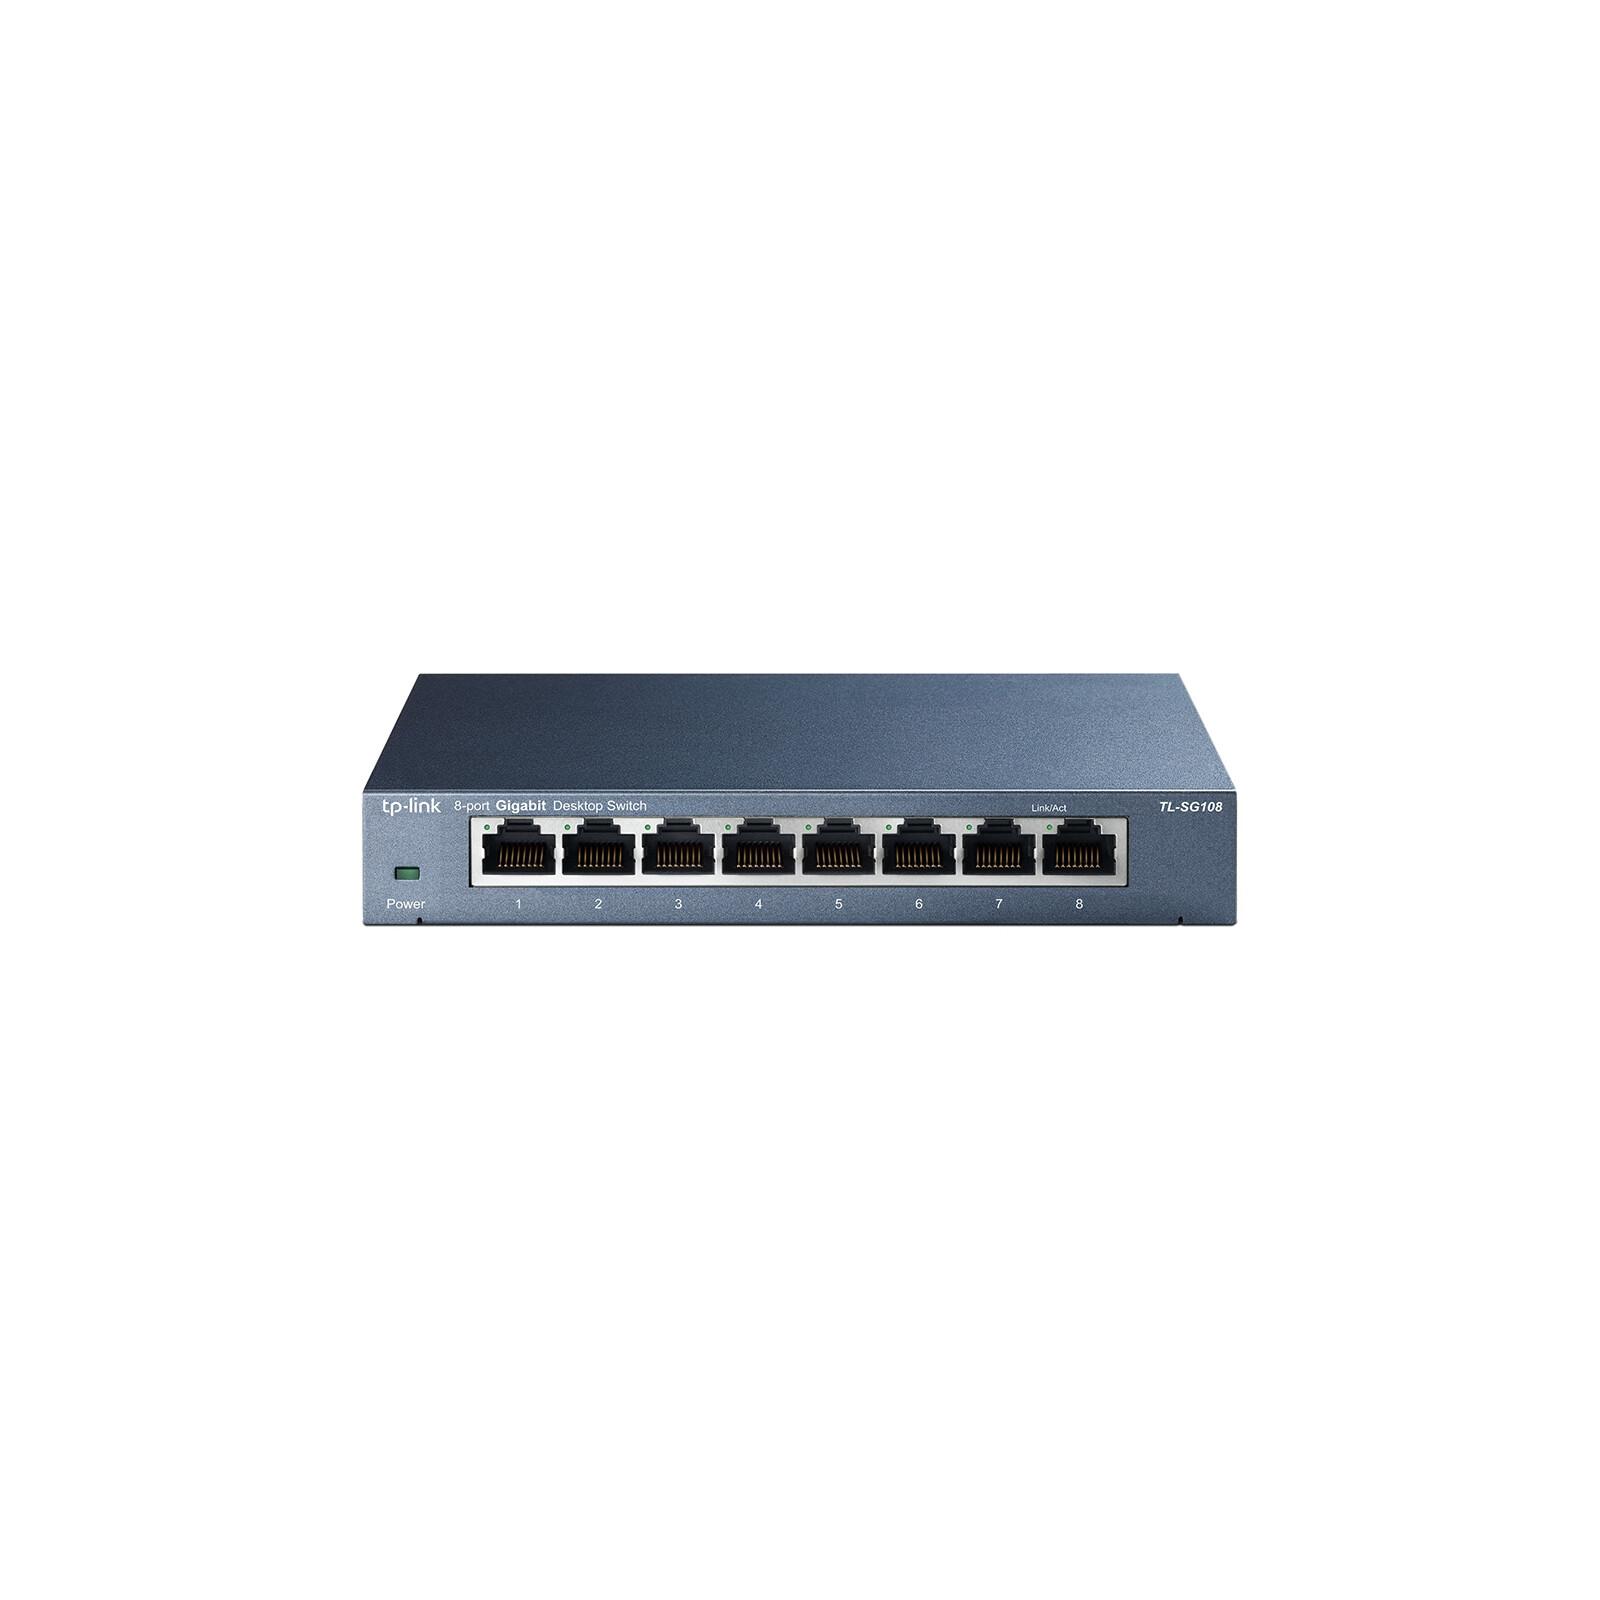 TP-Link SG100 8 Port Gigabit Desktop Switch